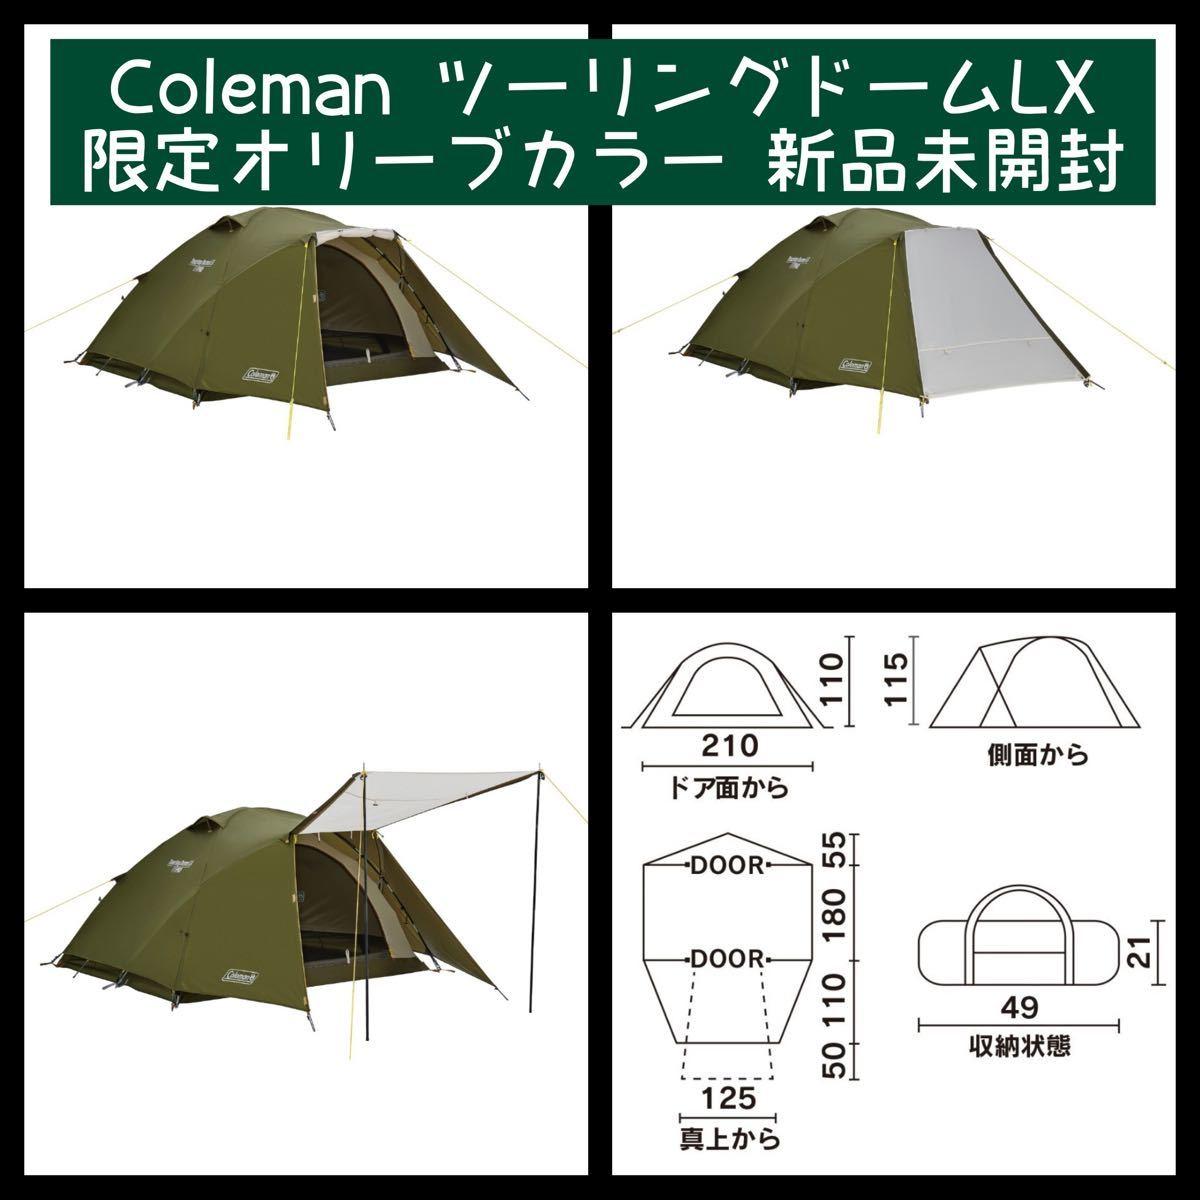 コールマン COLEMAN ツーリングドームLX 2000038142 テント ツーリングテント 新品未開封 限定 オリーブカラー